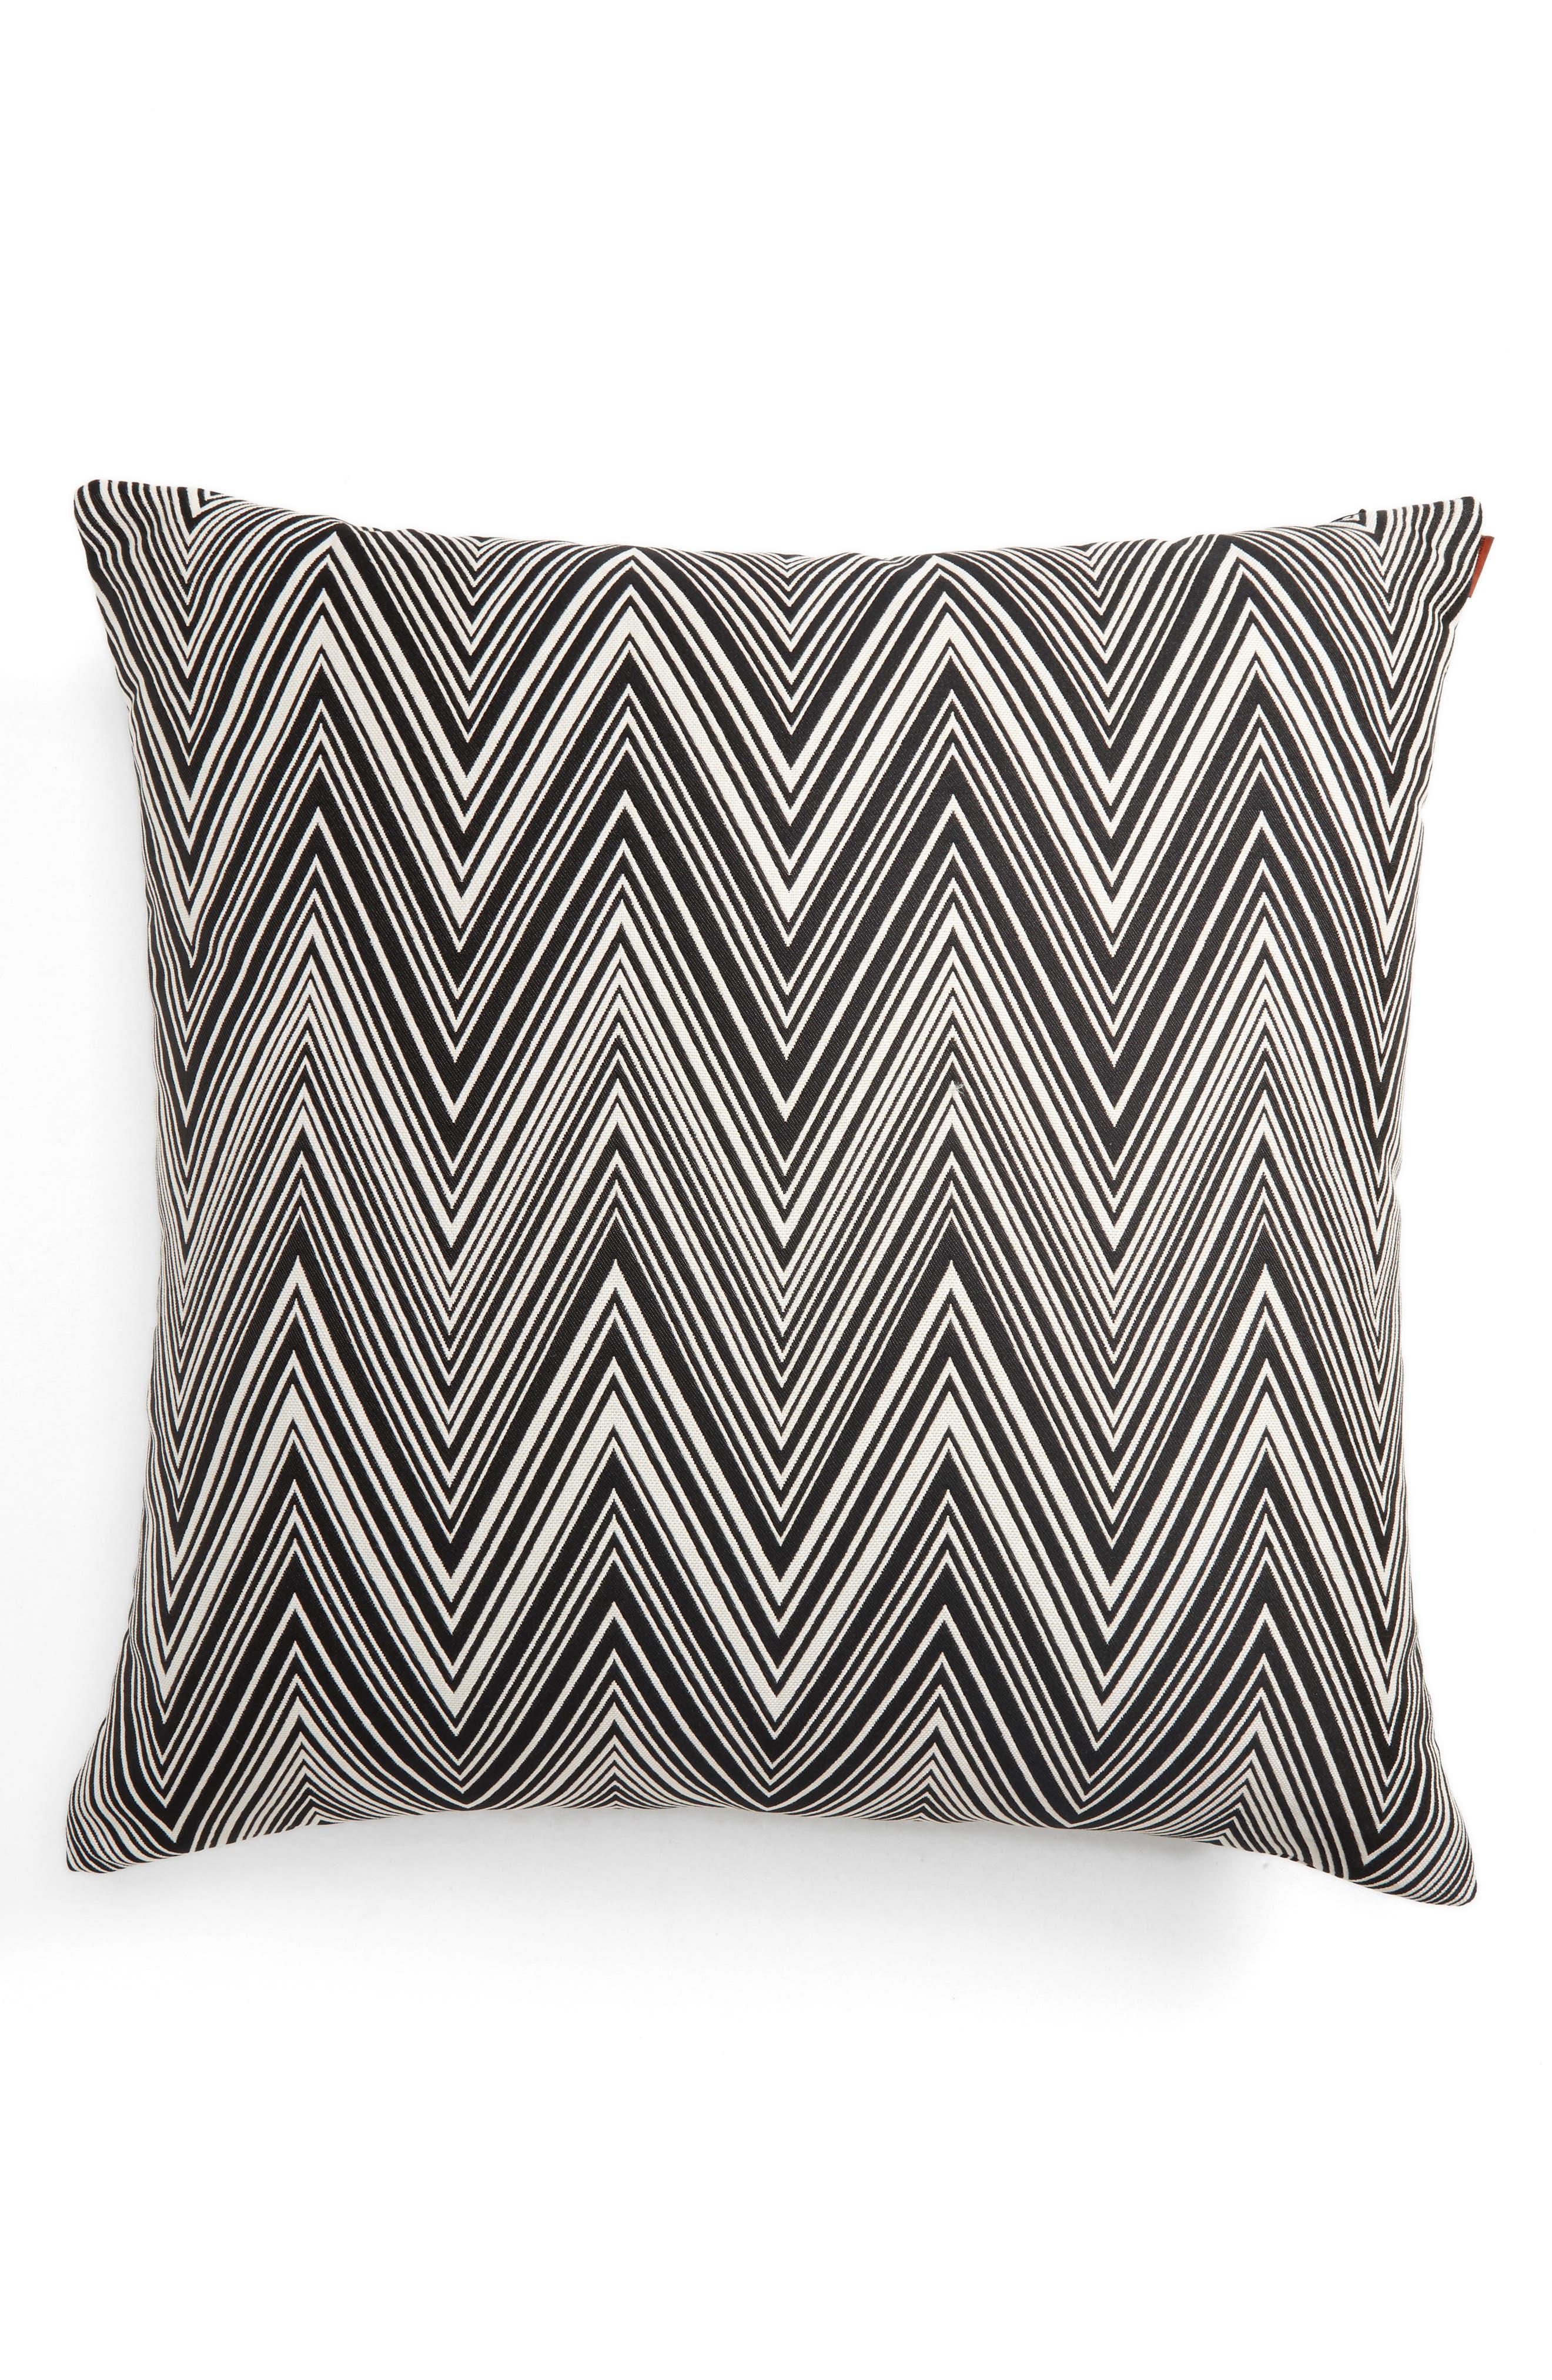 Chevron Accent Pillow,                             Alternate thumbnail 2, color,                             020